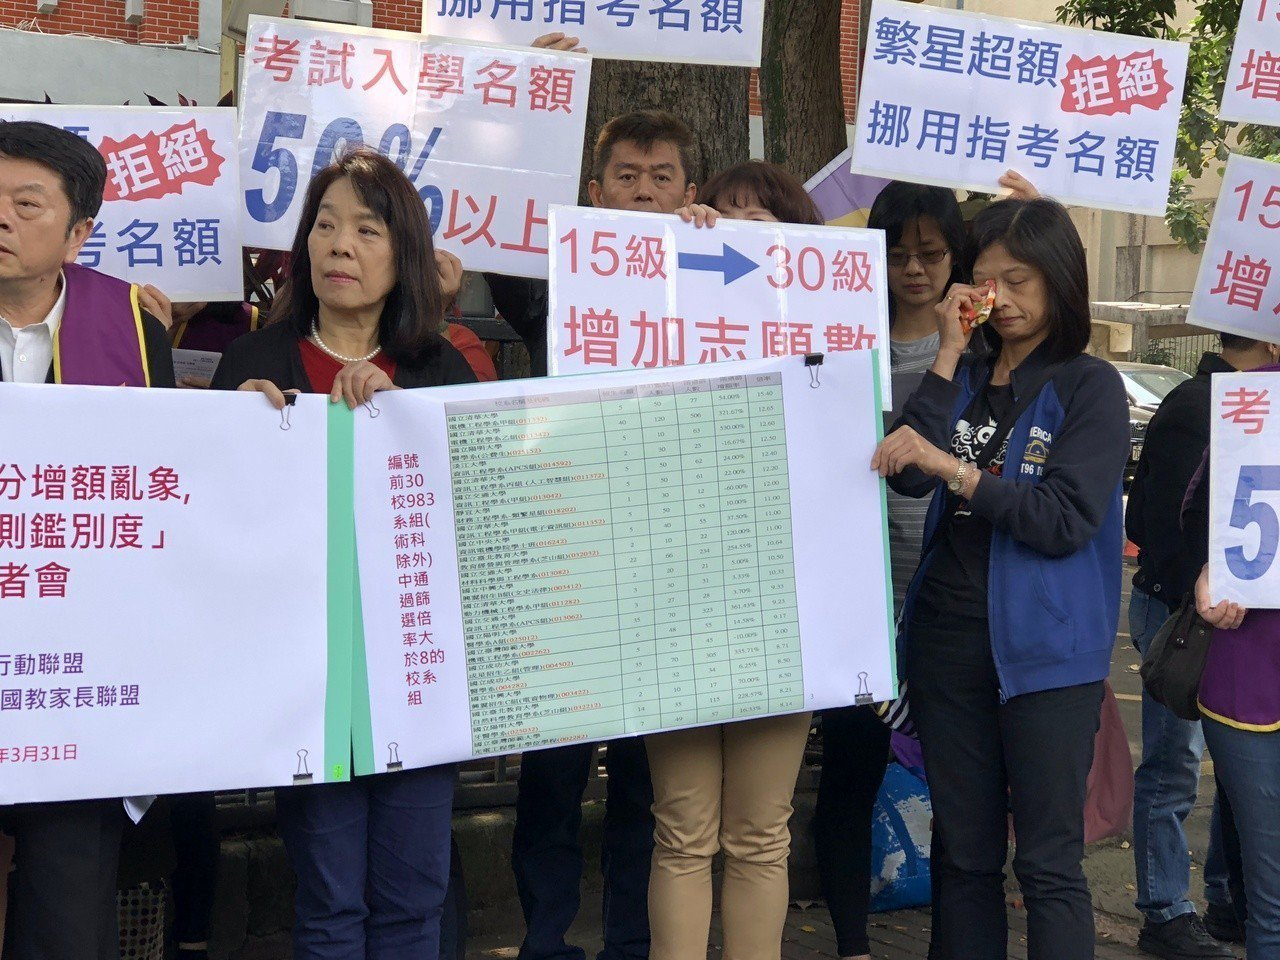 教團、家長赴教育部抗議,有出席的家長拭淚。記者何定照/攝影